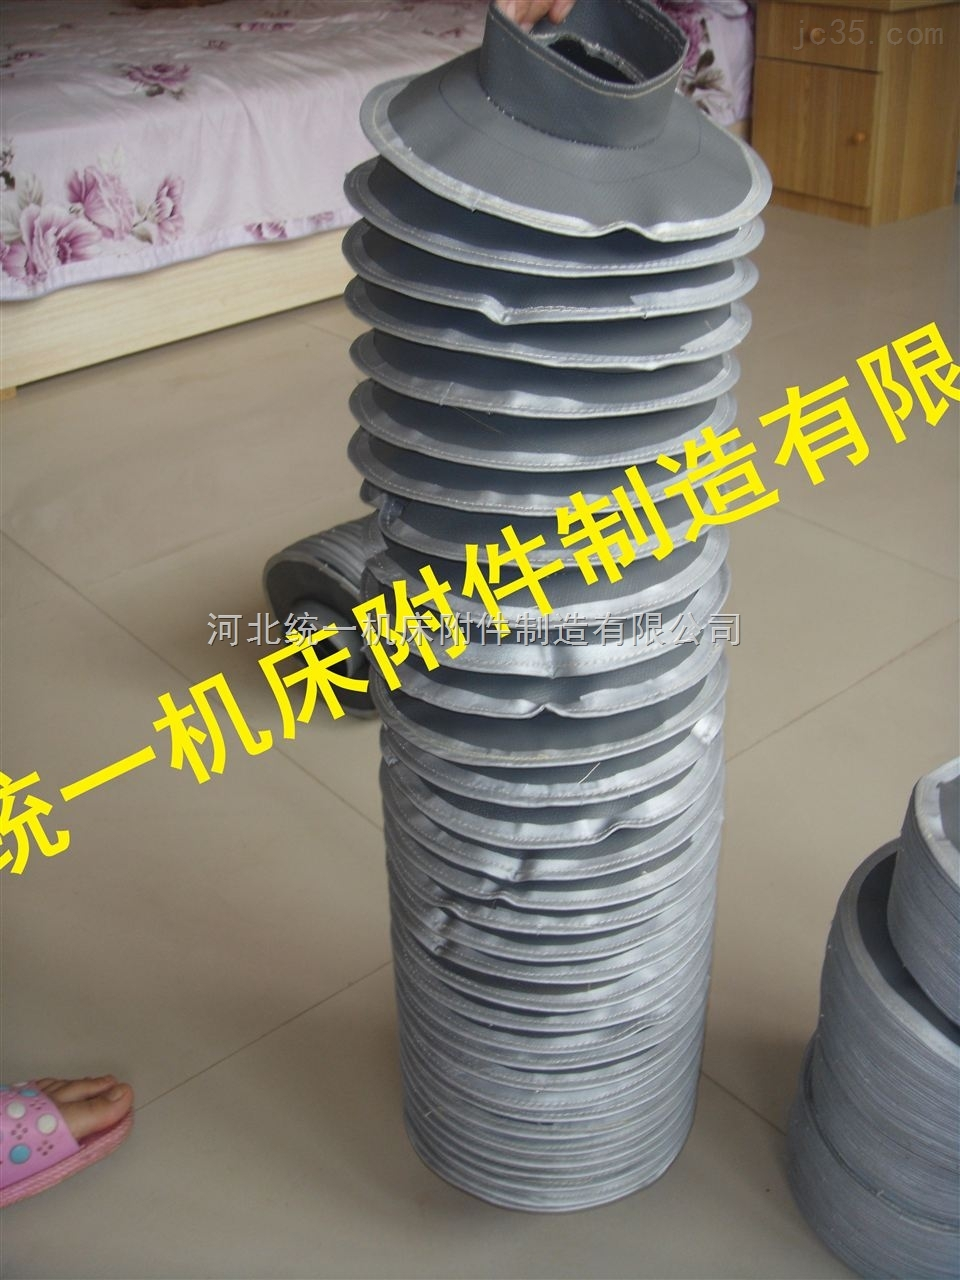 高温拉链式丝杠保护套专业厂家